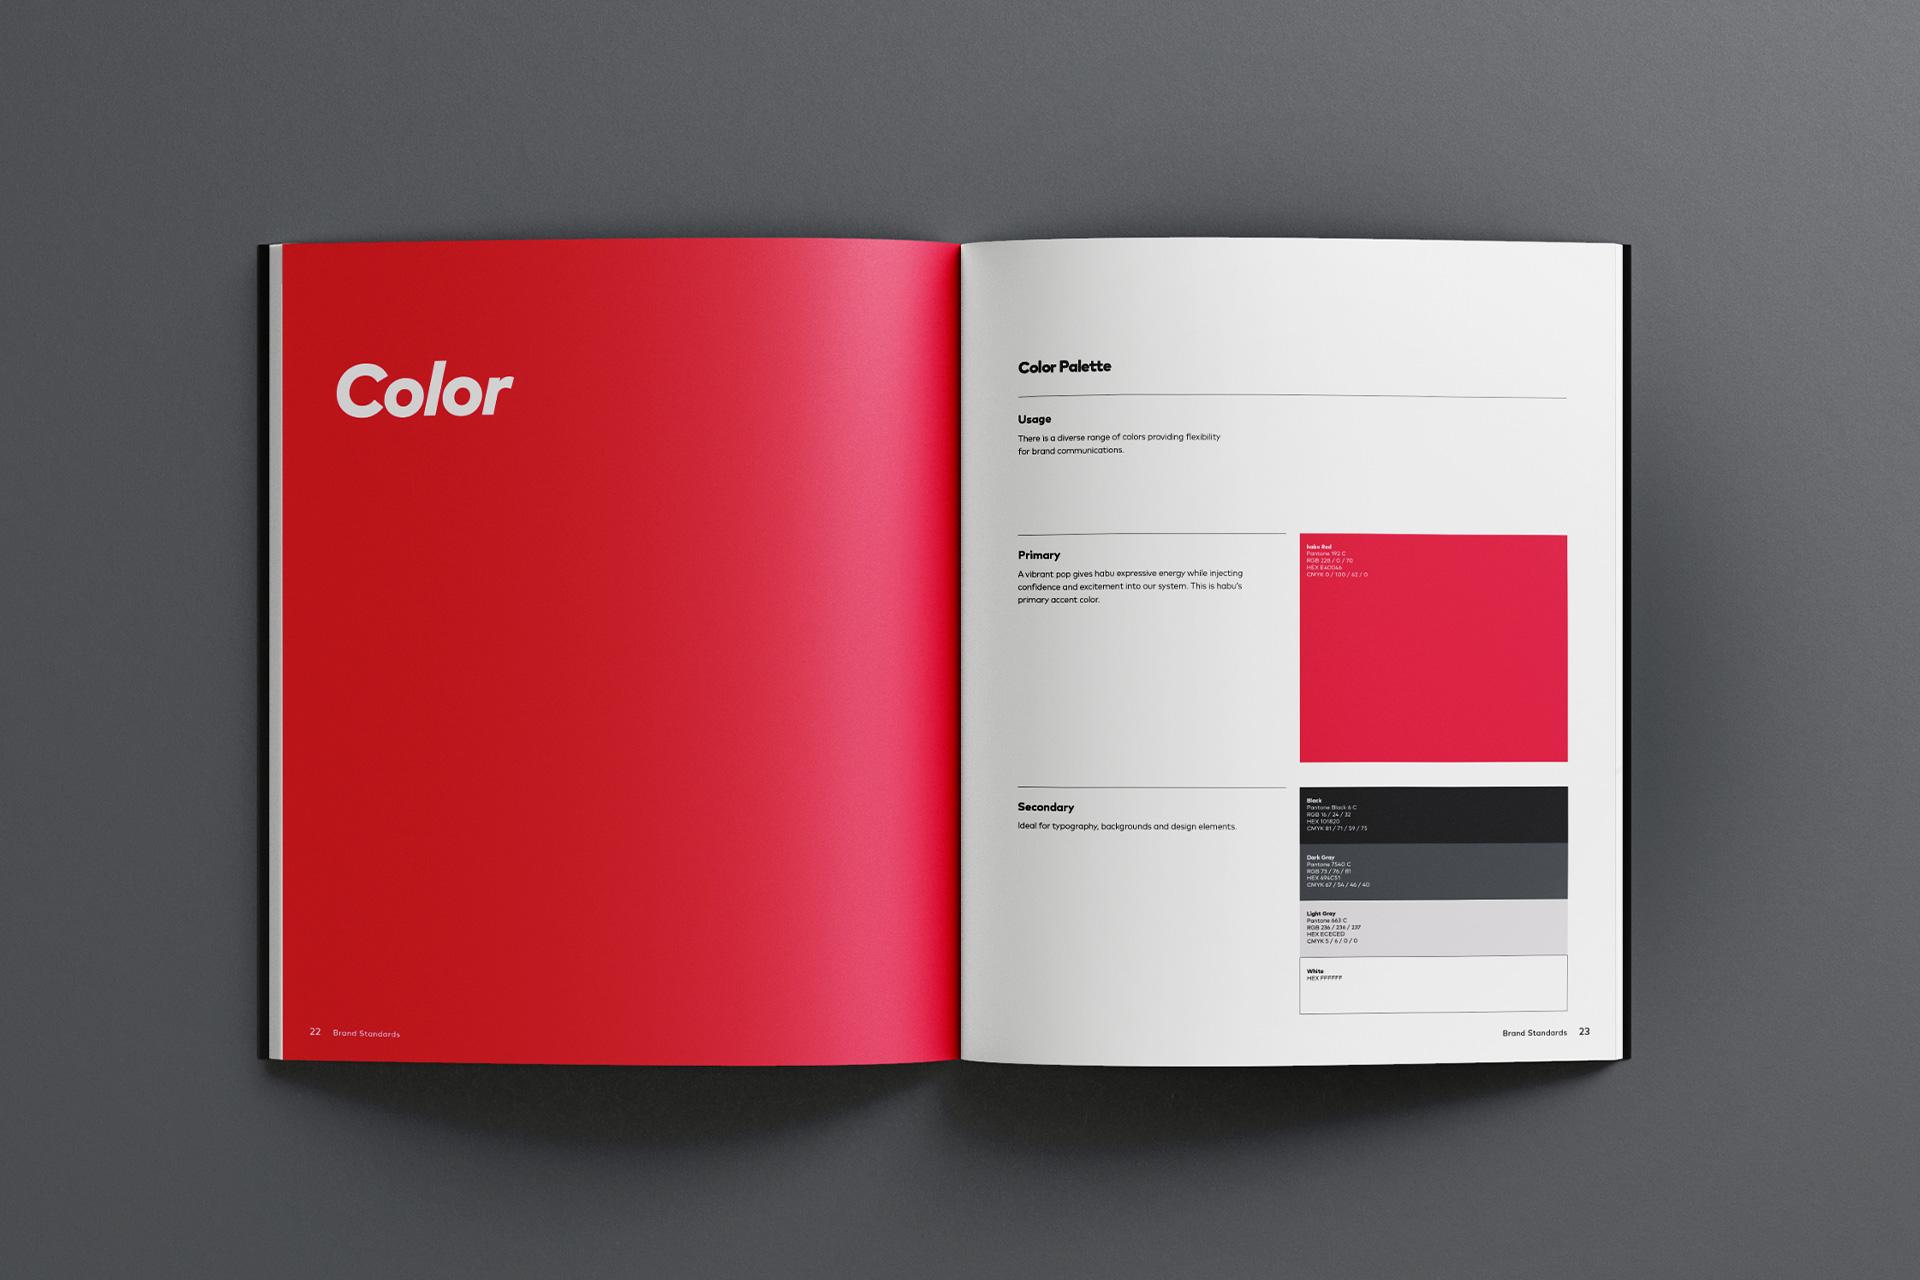 MikeSpencerDesign-HabuFitSystem-BrandStandardsColor-1920×1280-1